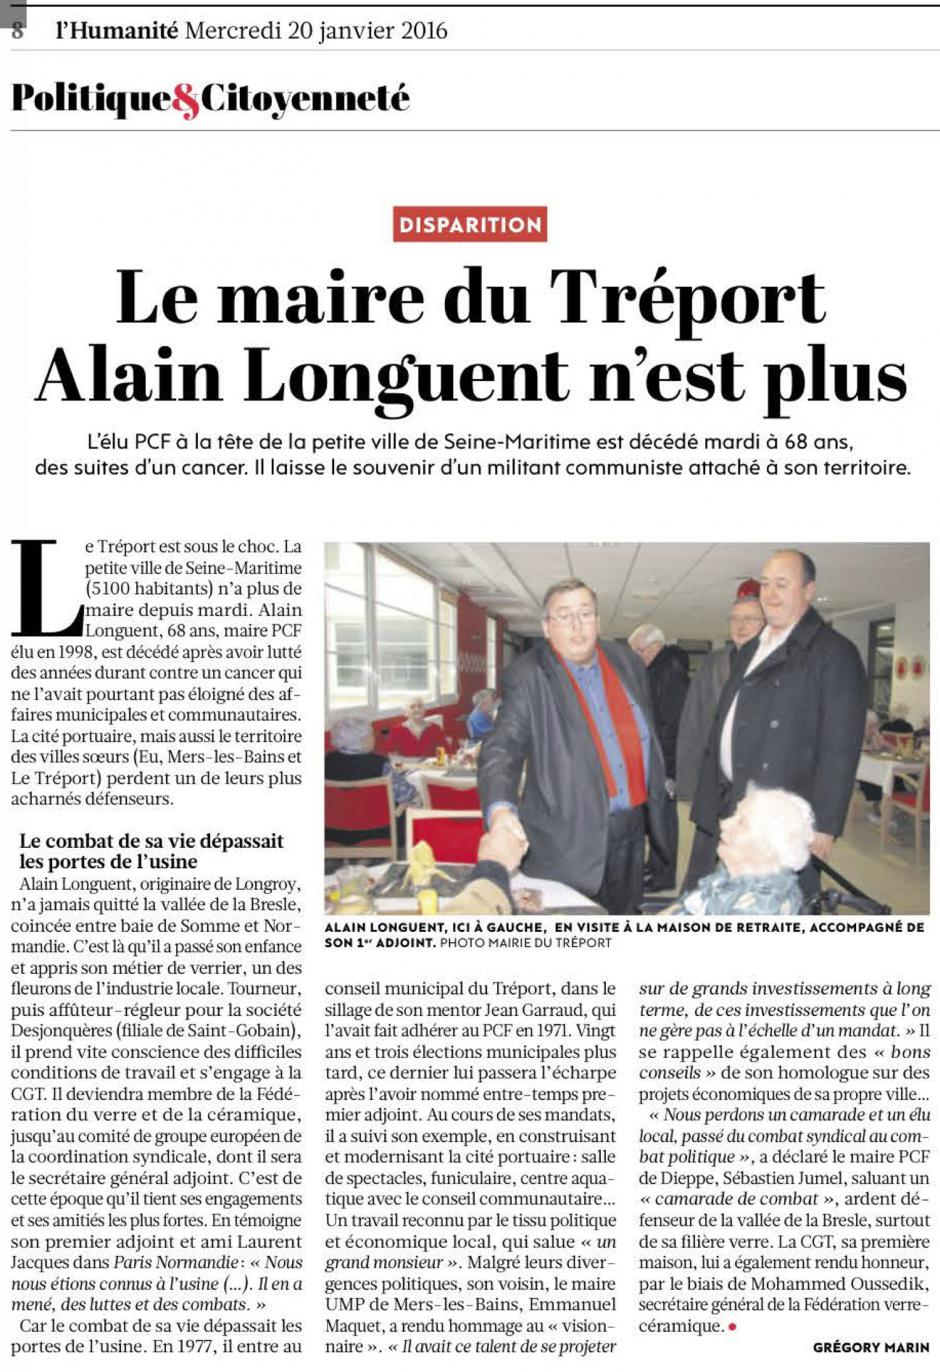 20160120-L'Huma-Le Tréport-Le maire Alain Longuent n'est plus